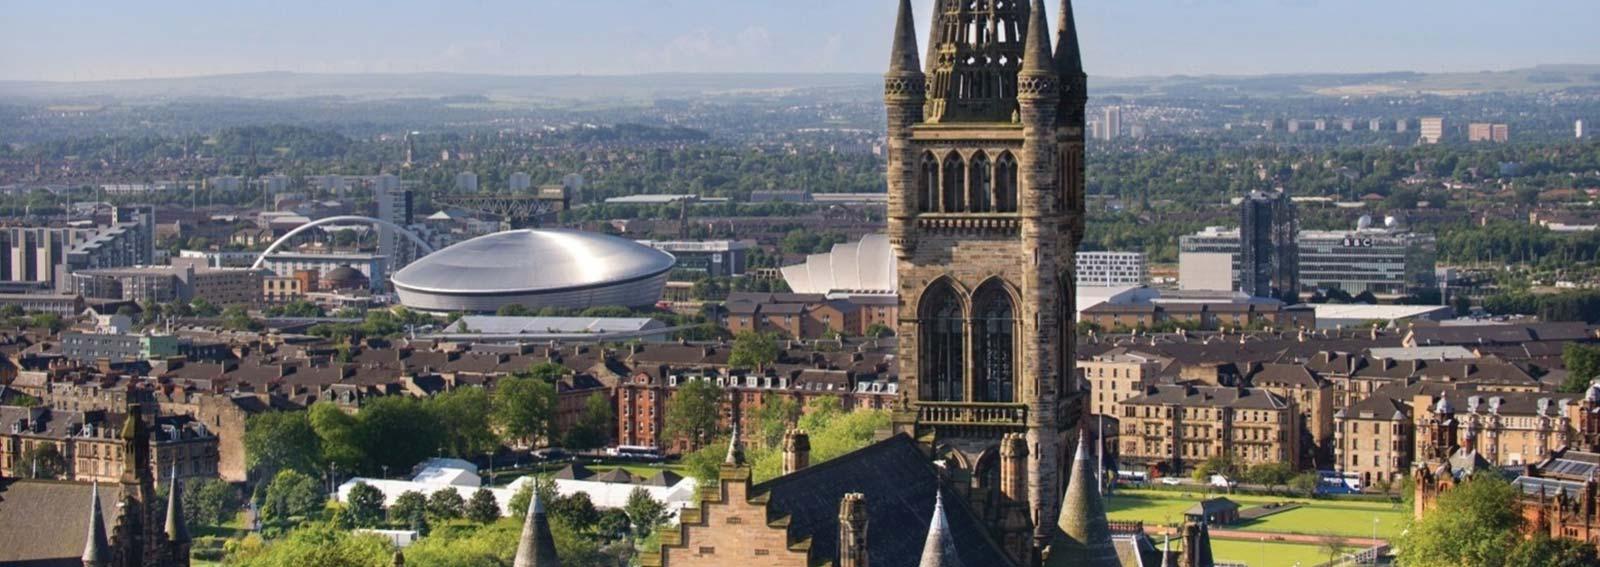 Glasgow_Aerial_1600x567.jpg